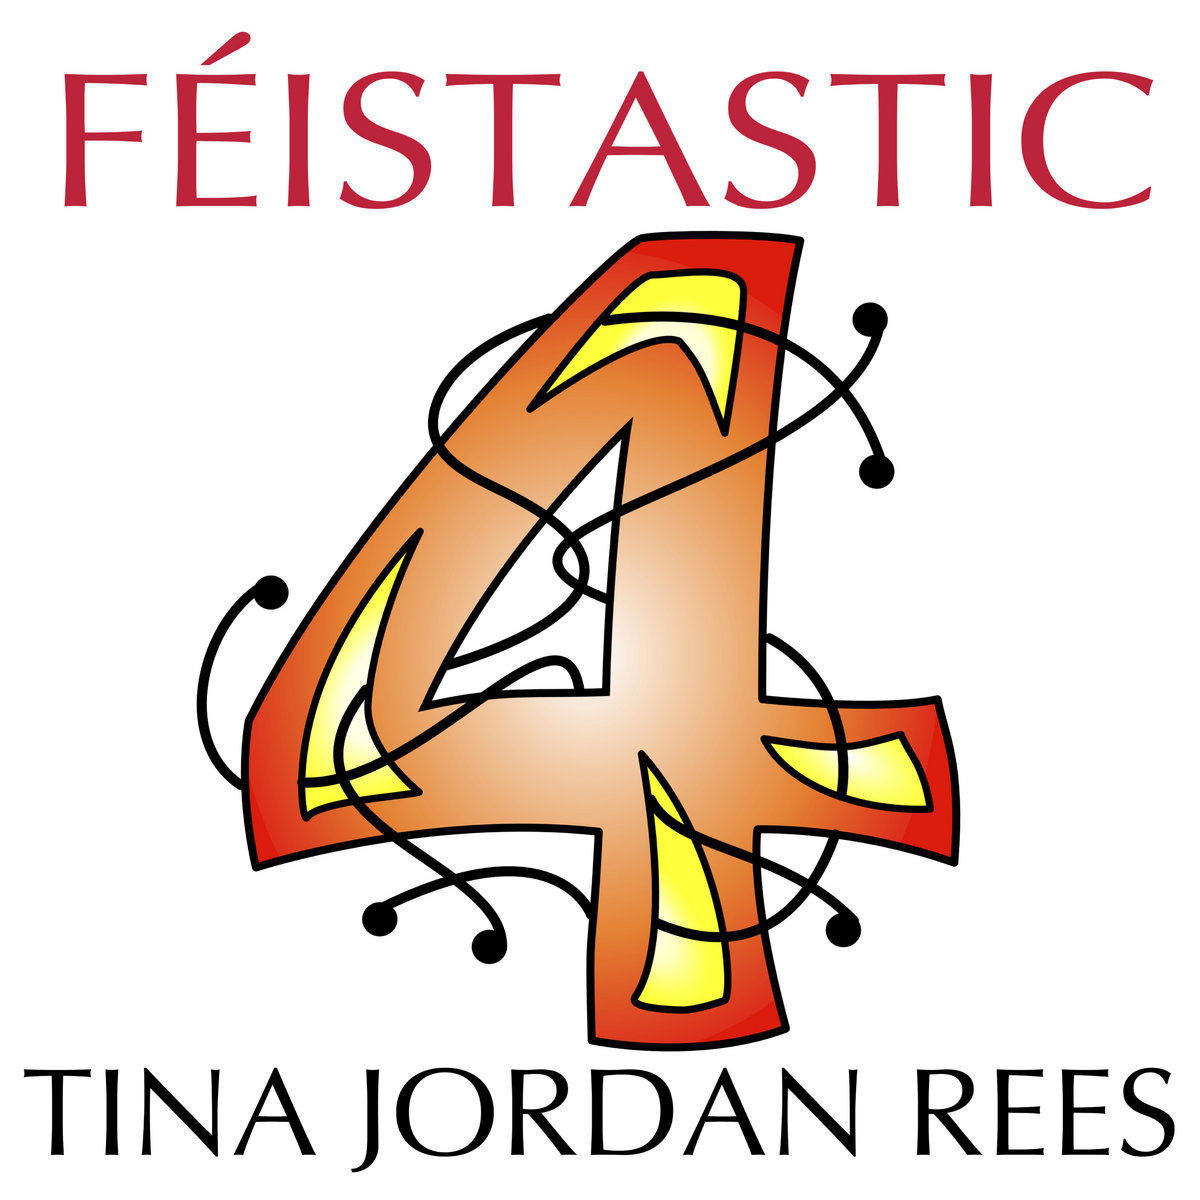 Féistastic 4 - Tina Jordon Rees